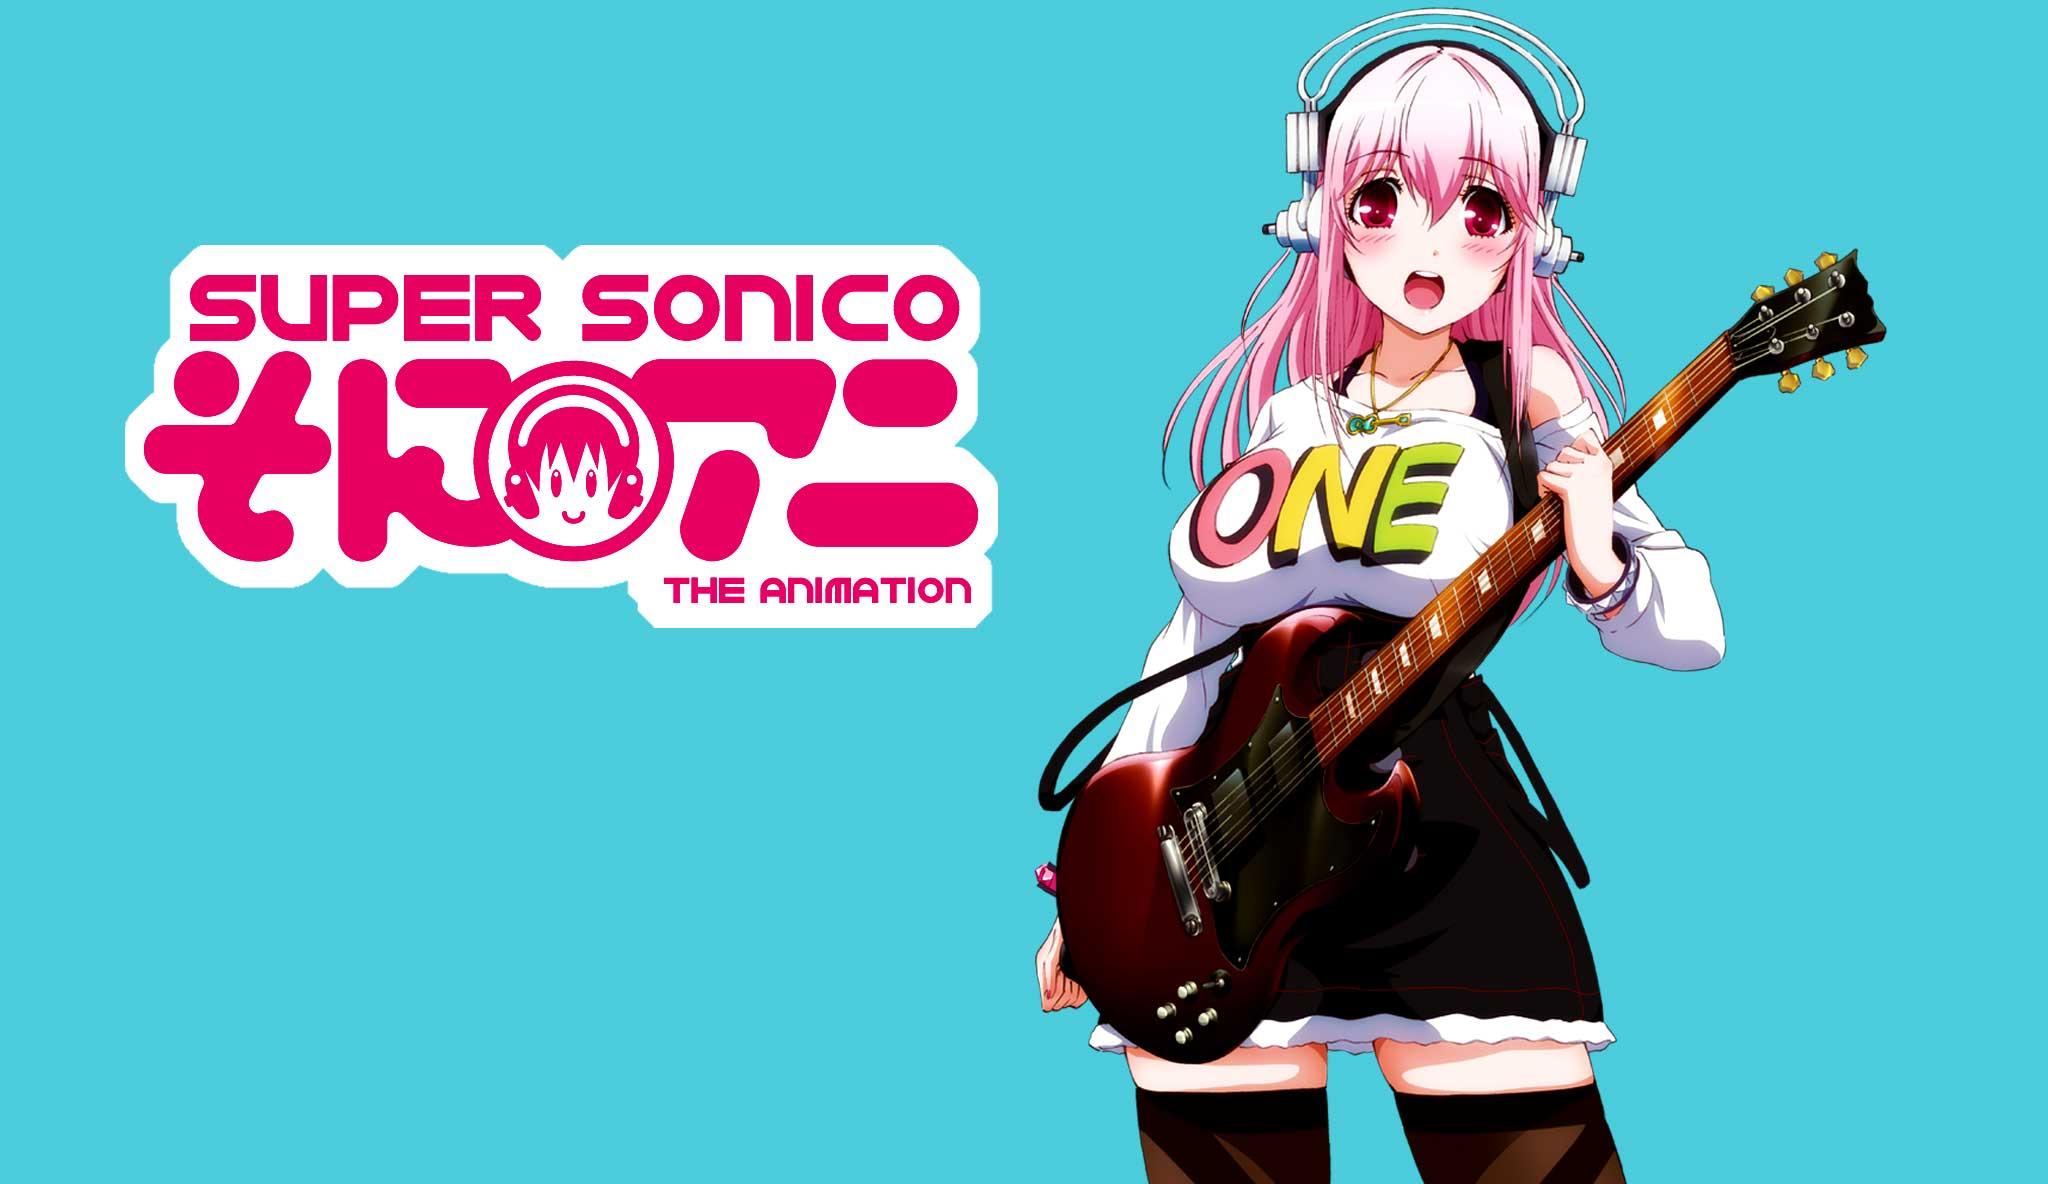 super-sonico-episode-5-8\header.jpg